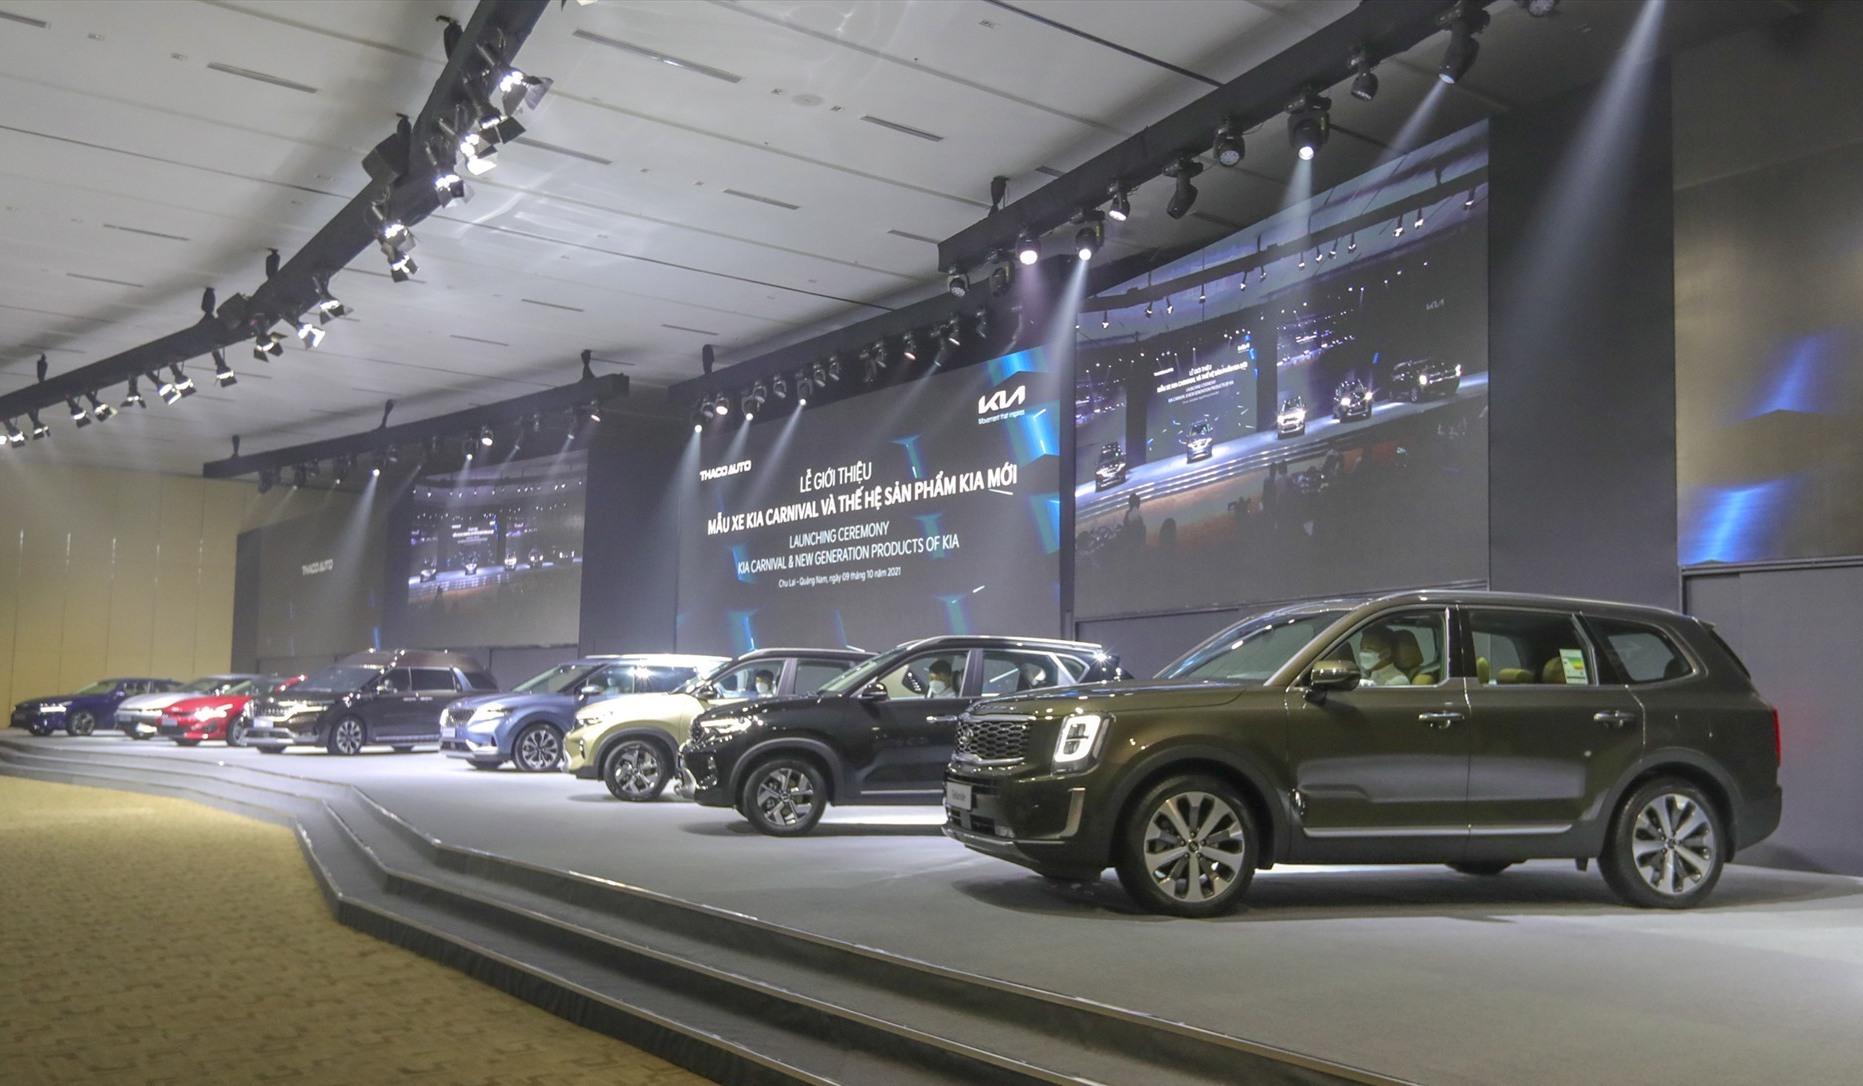 Các sản phẩm của Kia được Thaco giới thiệu lần này